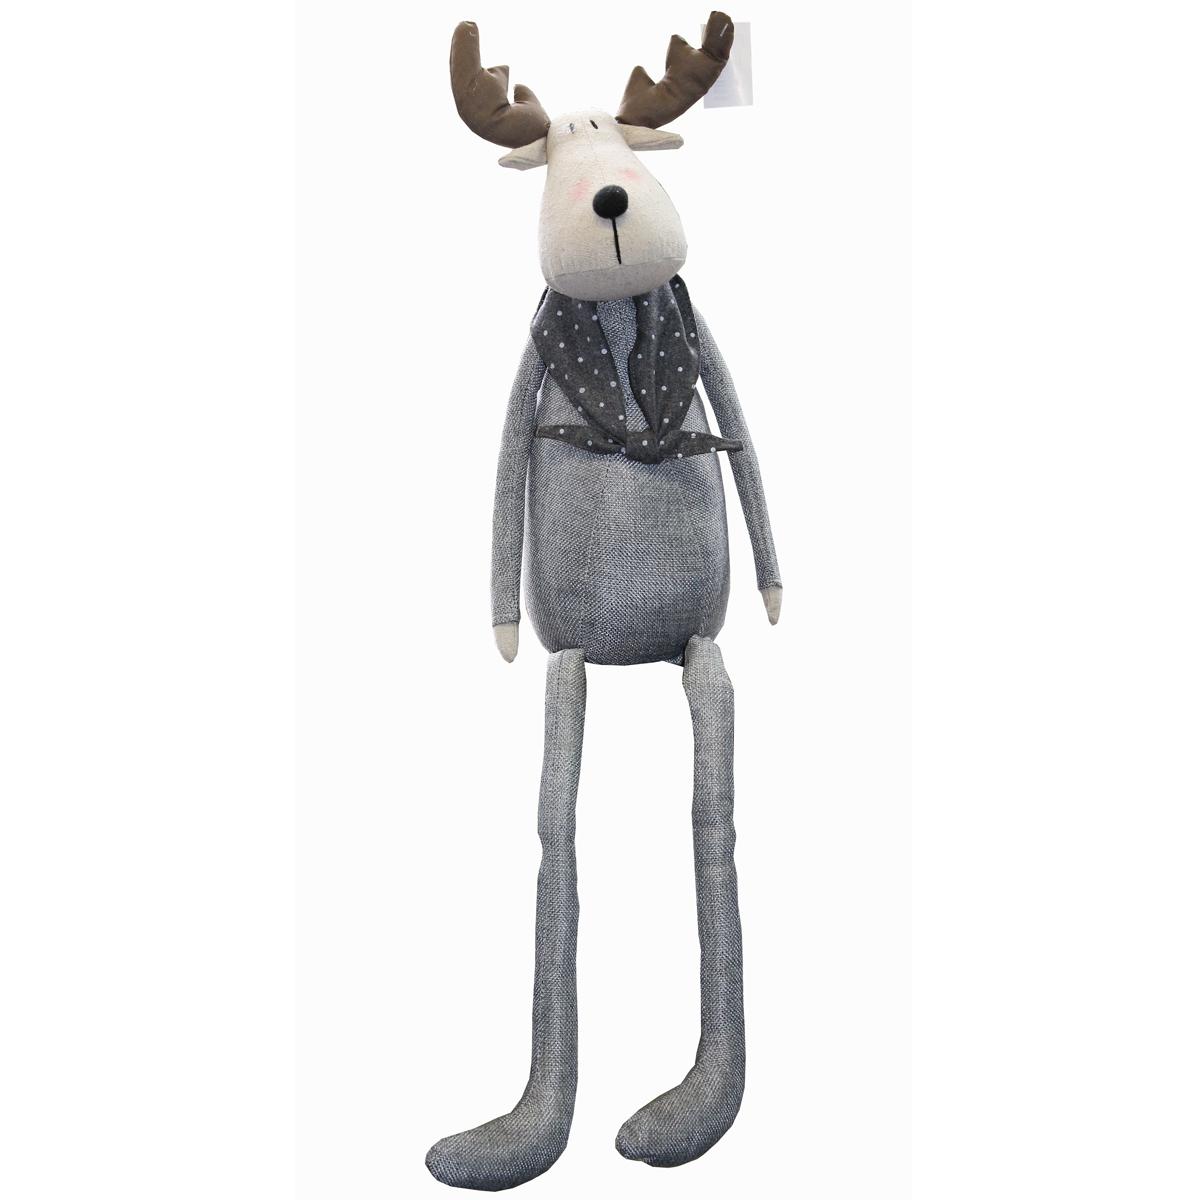 kantensitzer elch 70cm grau anthrazit weihnachten deko figur kantenhocker stoff feste und. Black Bedroom Furniture Sets. Home Design Ideas